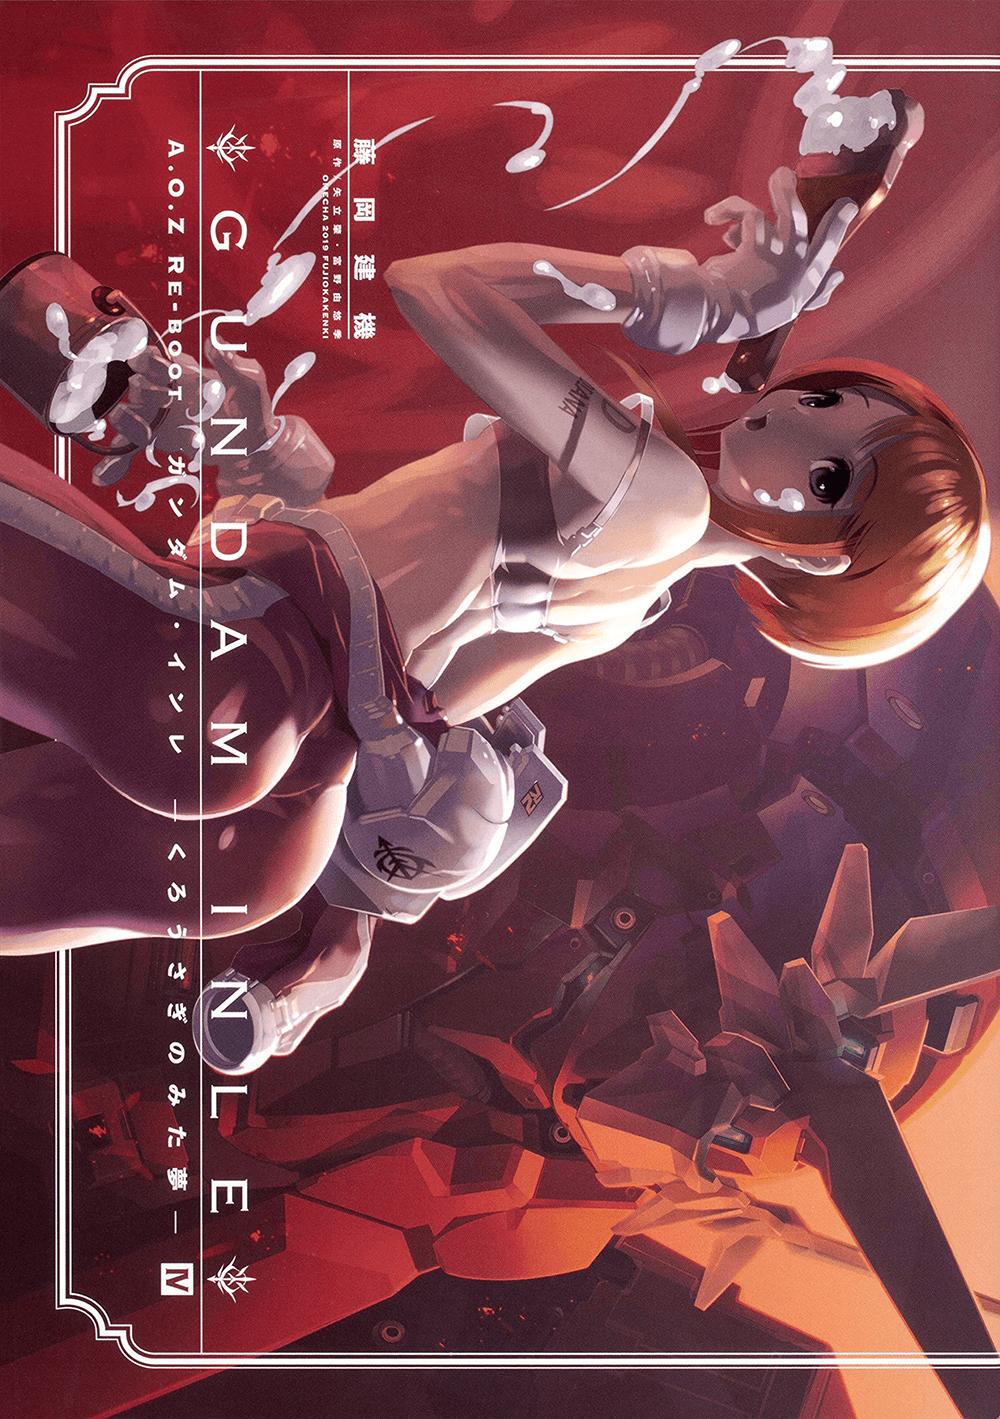 A.O.Z RE-BOOT GUNDAM INLE ガンダム・インレ ‐くろうさぎのみた夢‐ IV